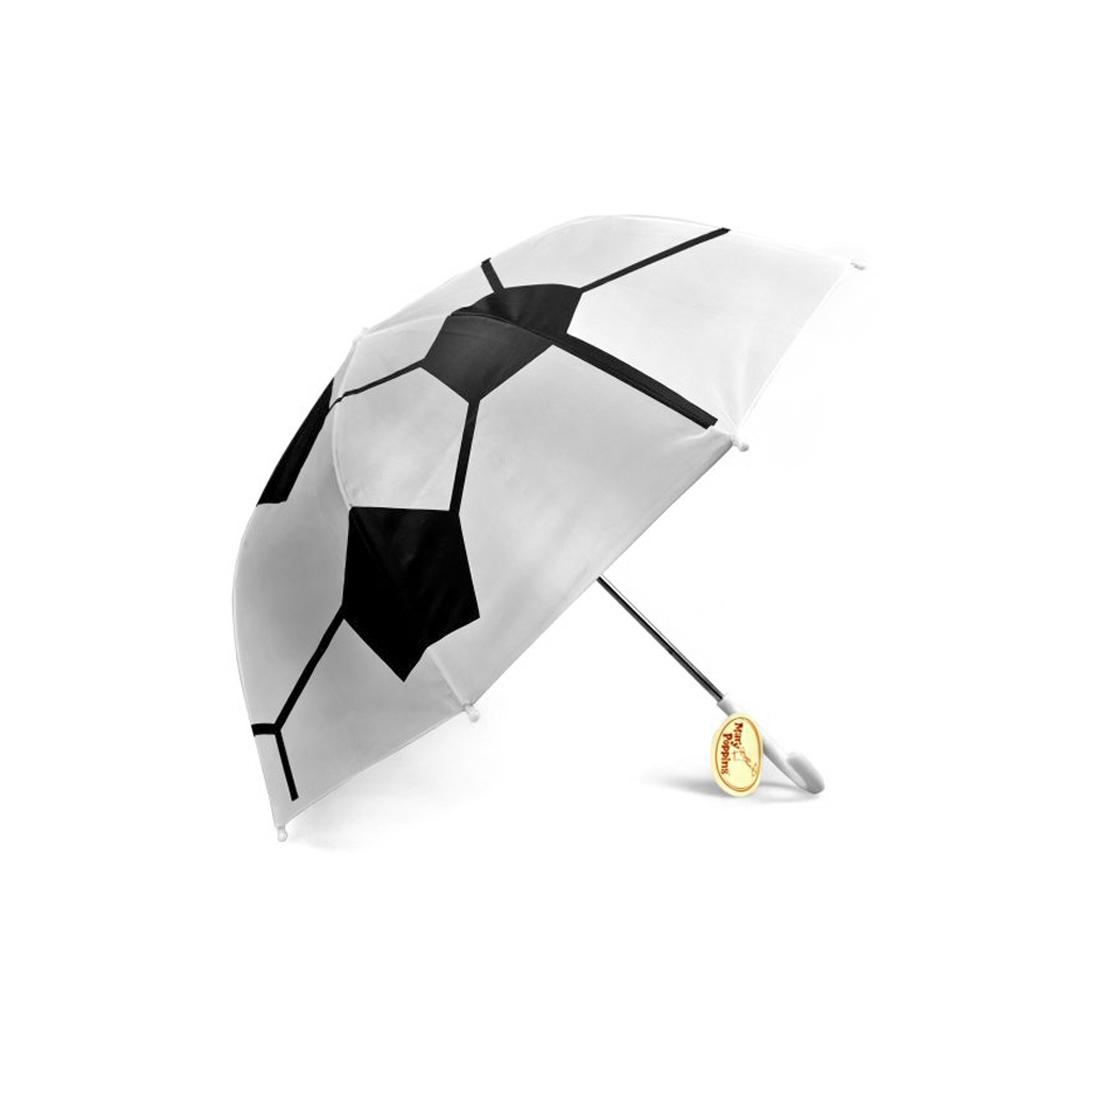 Зонты Mary Poppins Зонт детский Mary Poppins « Футбол» 46 см детские зонтики mary poppins автомобиль 46 см